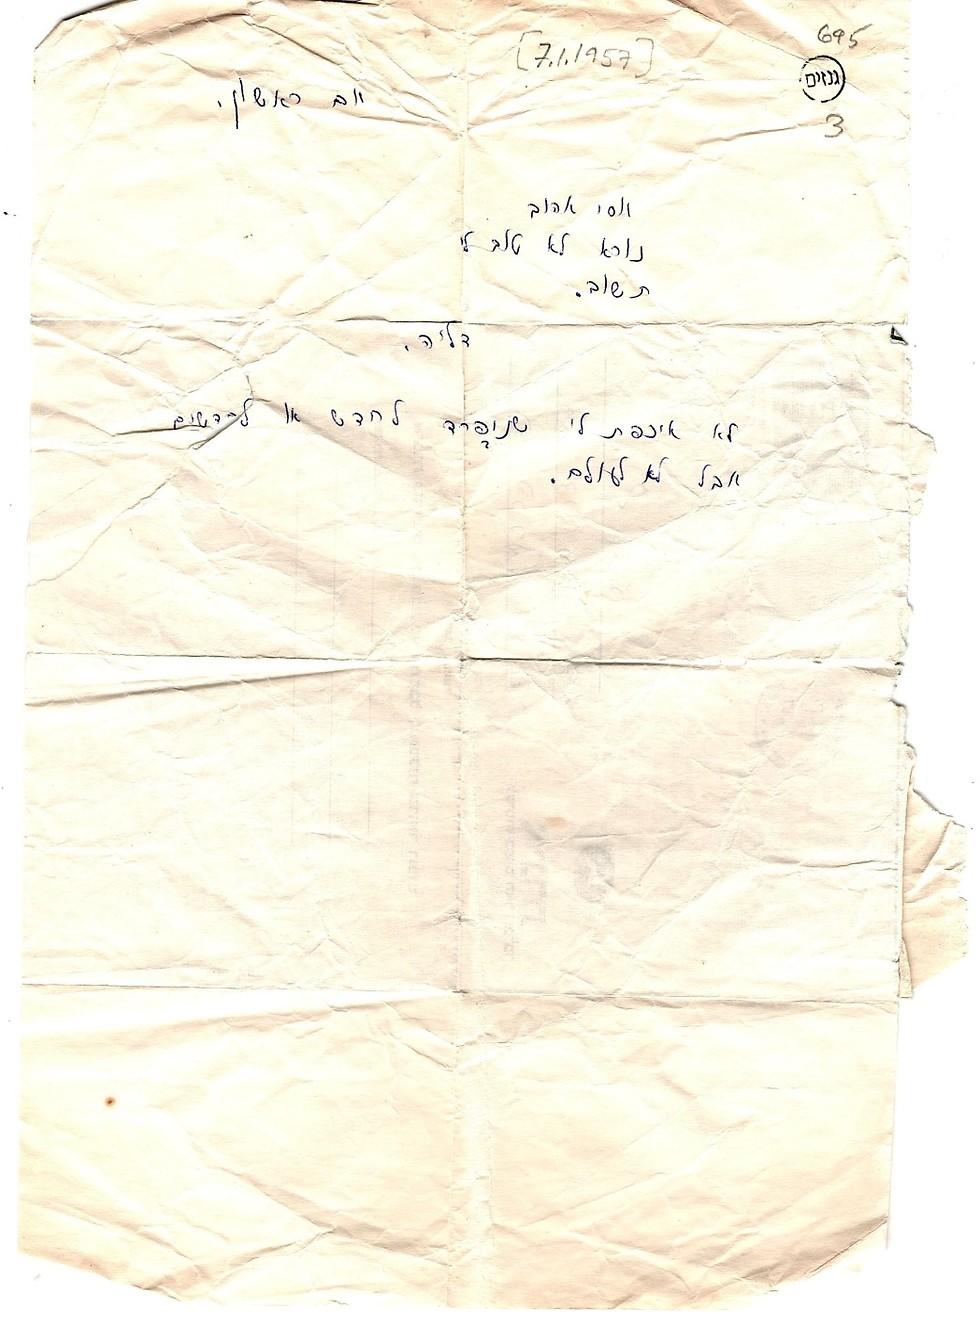 אחד ממכתביה של דליה רביקוביץ (באדיבות מכון גנזים)